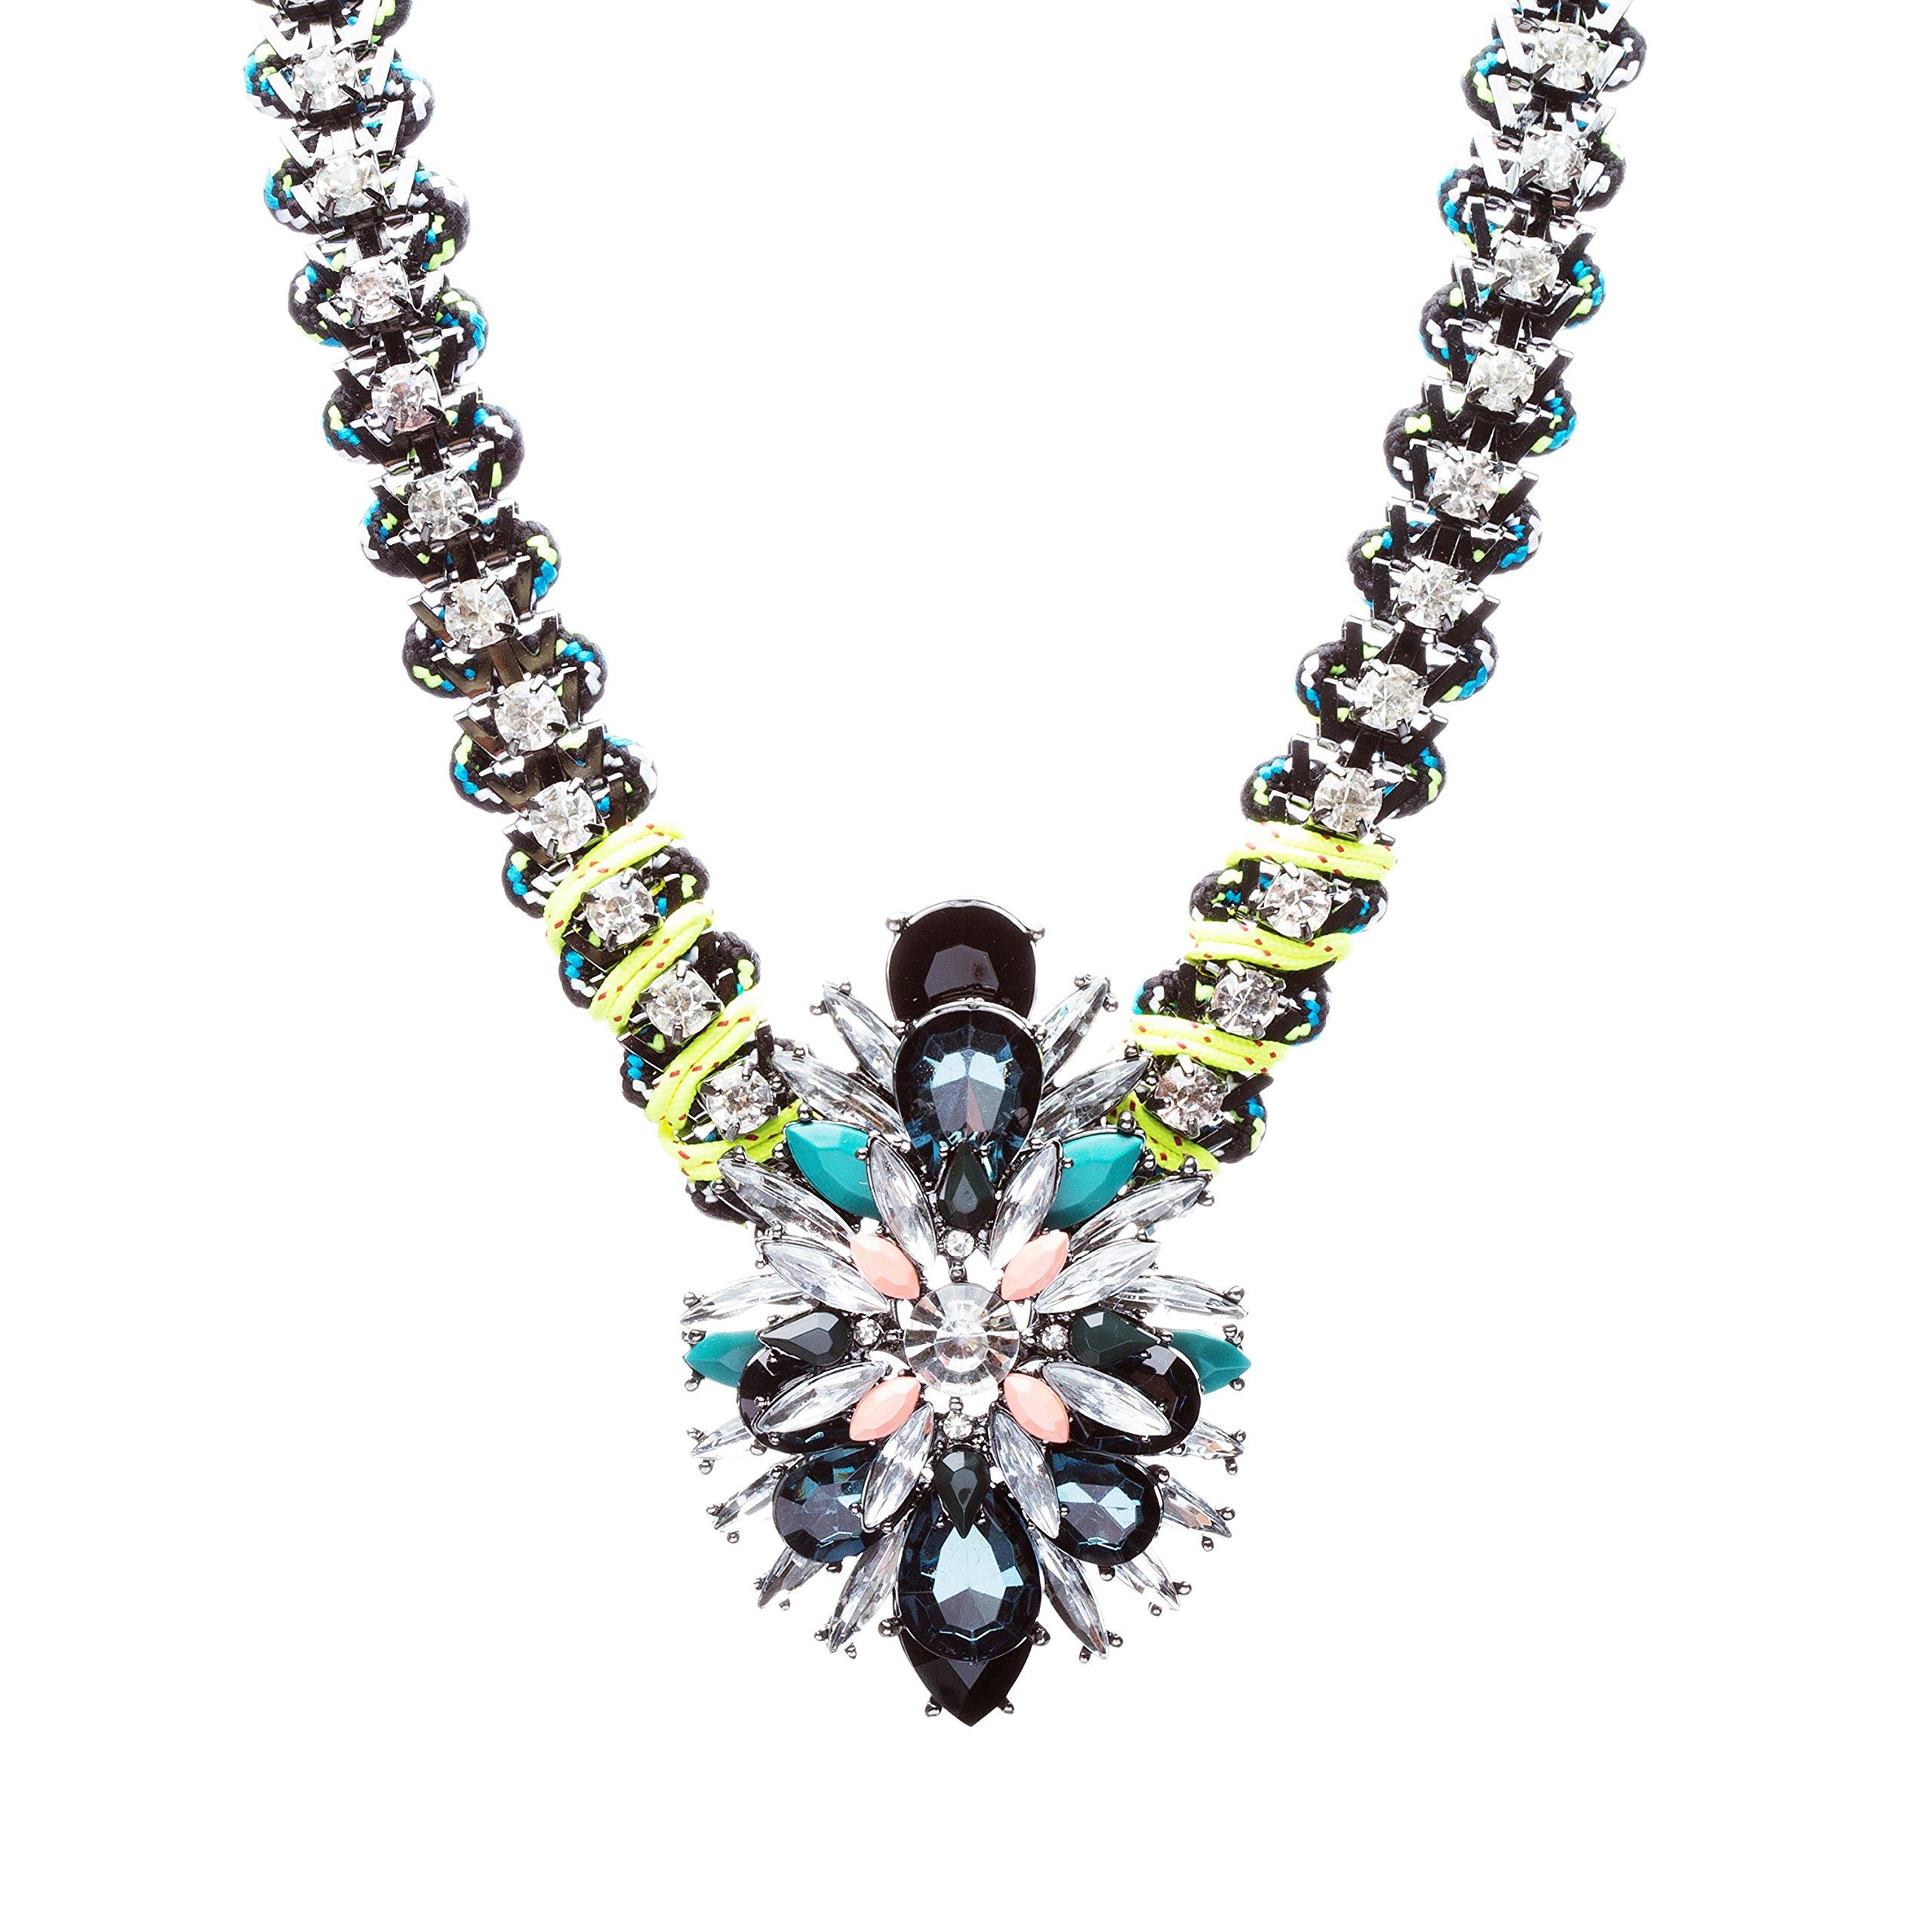 Fashionably Daring Crystal Rhinestone Alluring Modern Design Necklace N80 Green